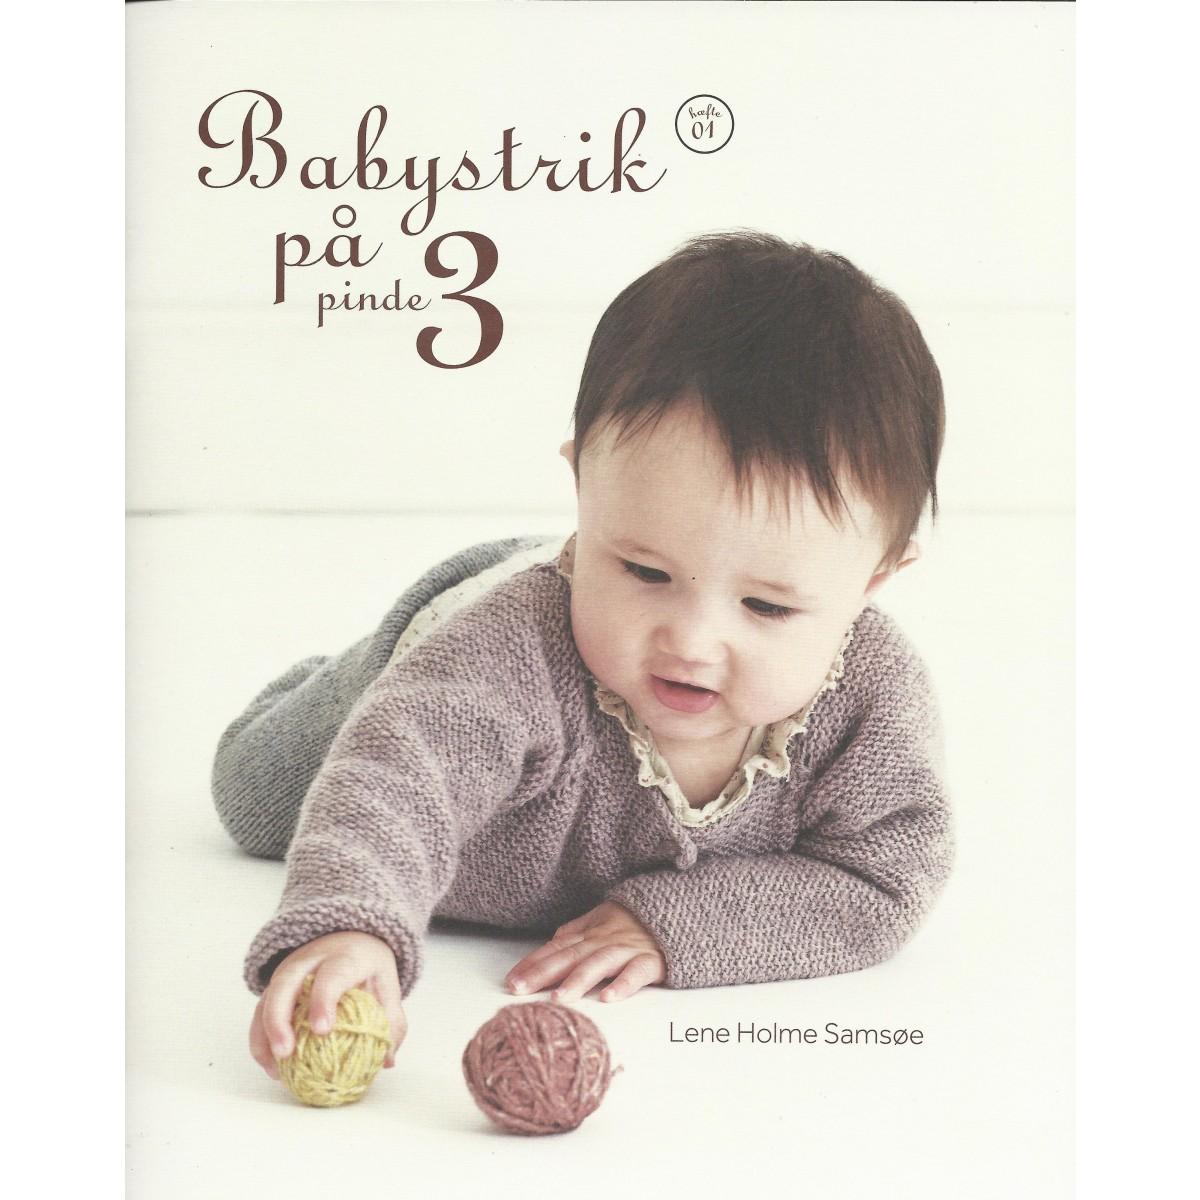 babystrik